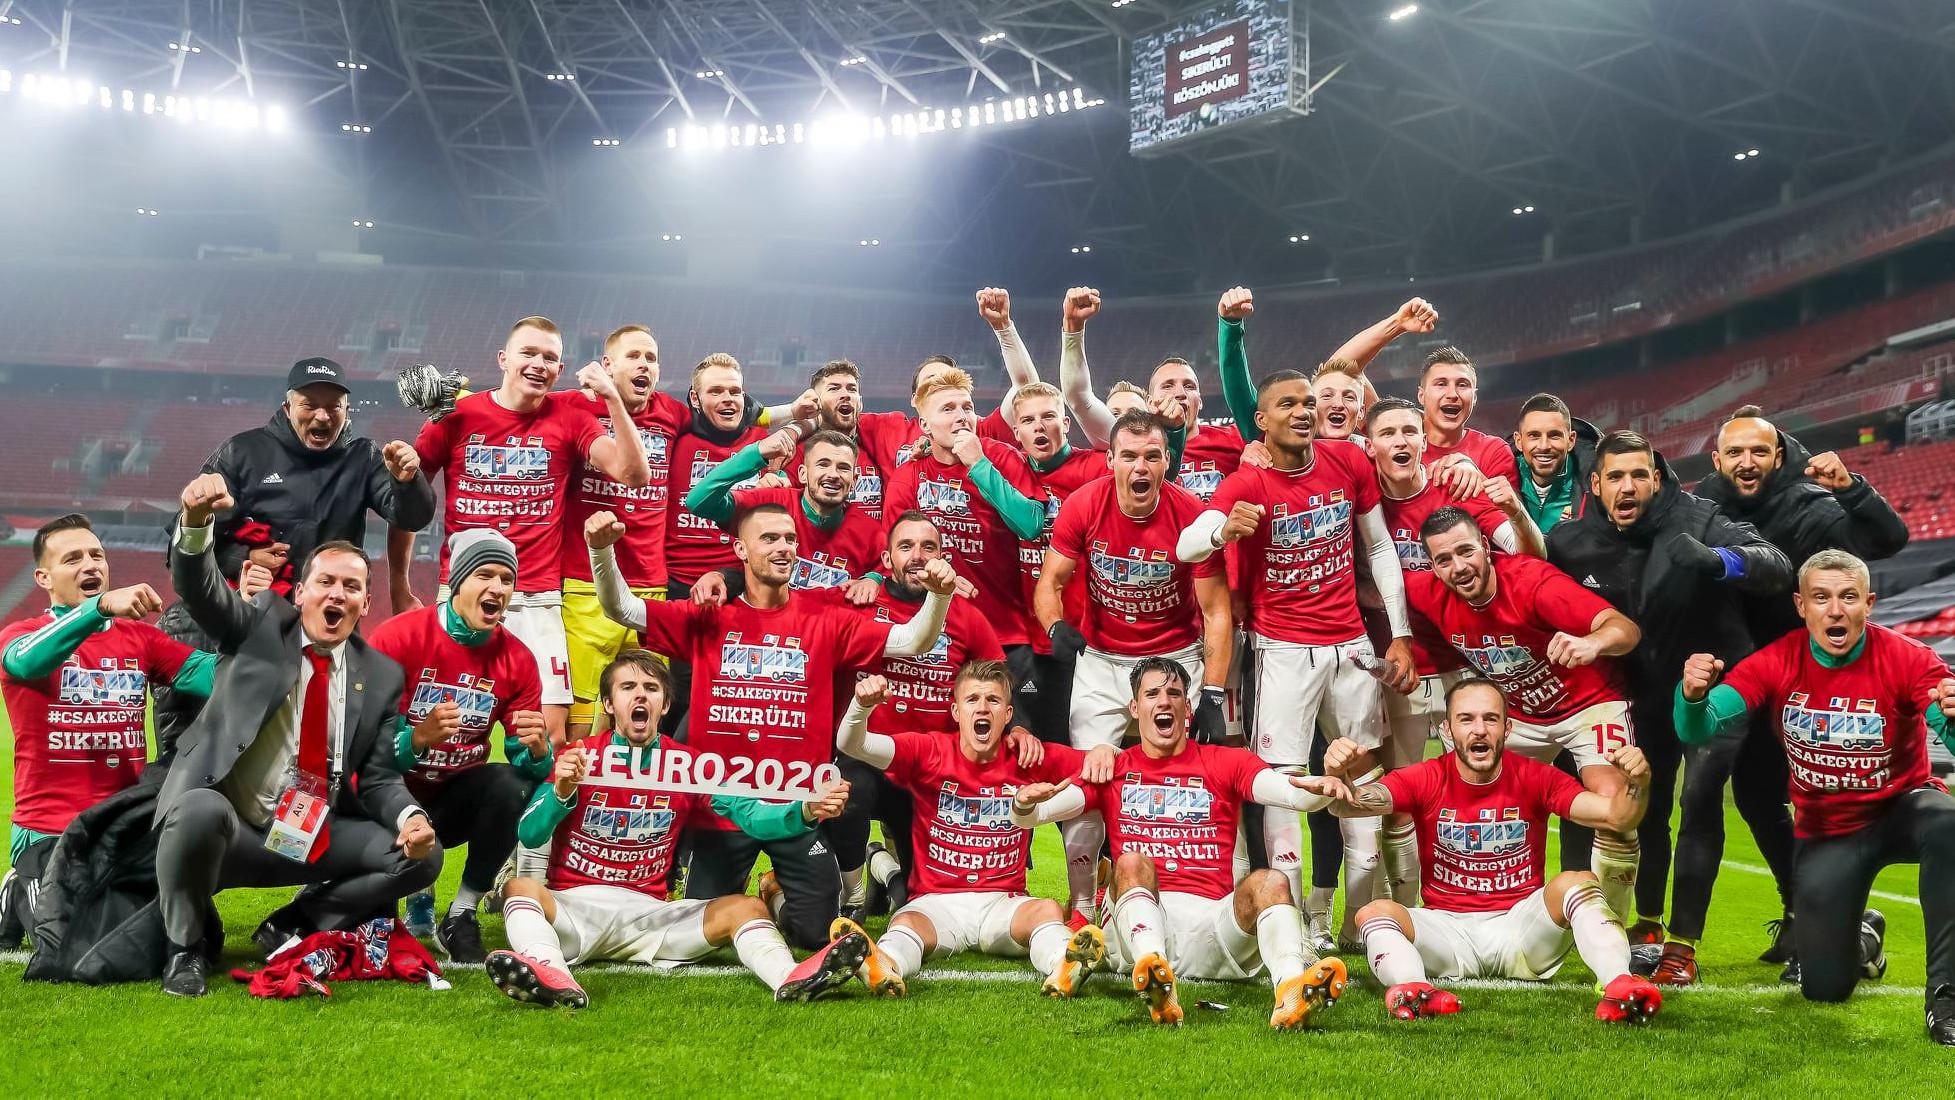 Nincs meccs, nincs változás - Magyarország 40. a világranglistán